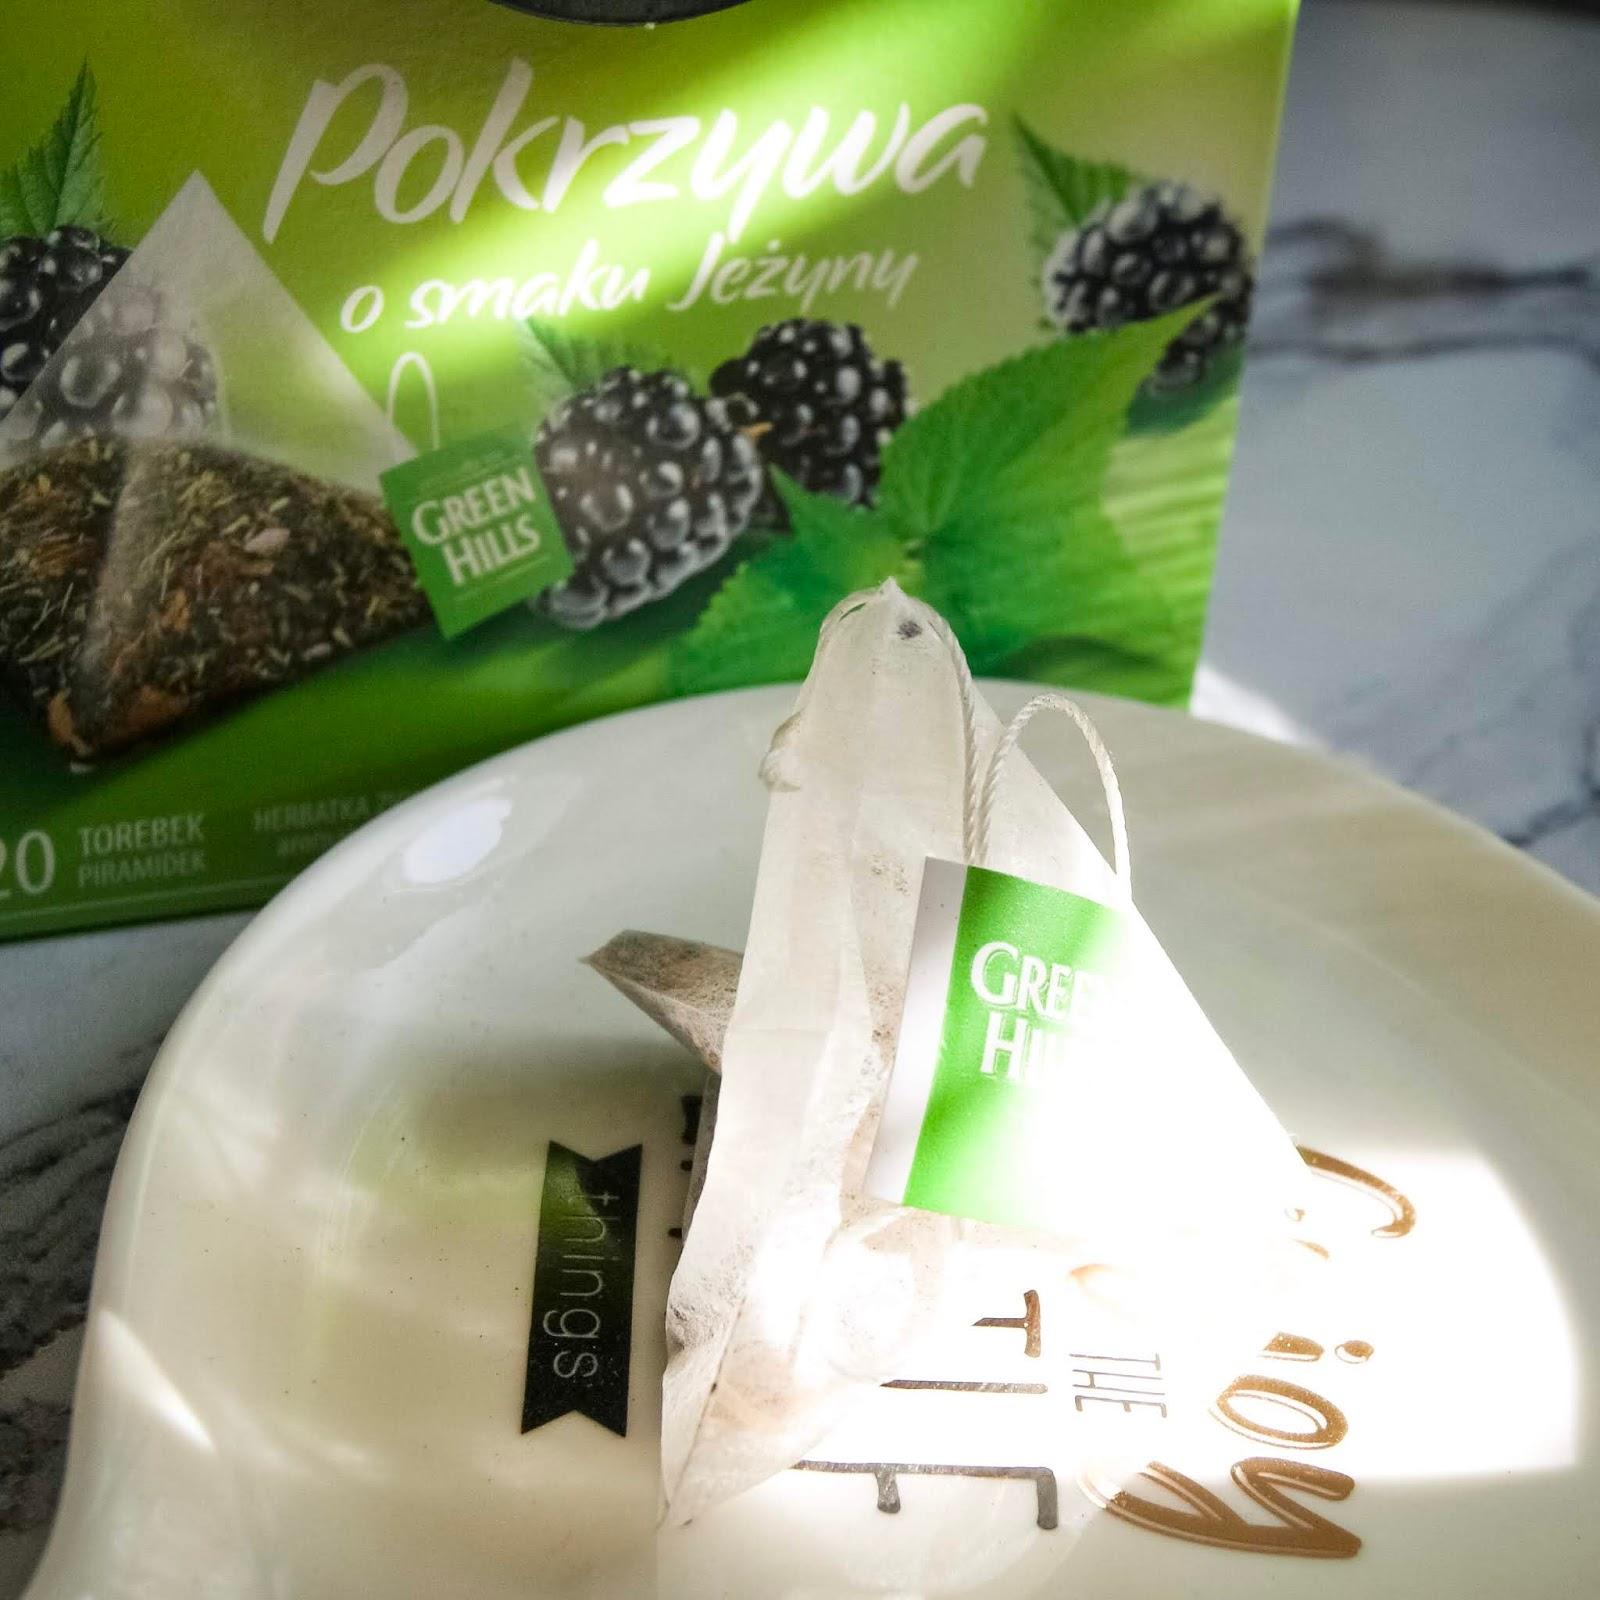 Green Hills Pokrzywa o smaku jeżyny - herbatka ziołowa aromatyzowana recenzja opinie